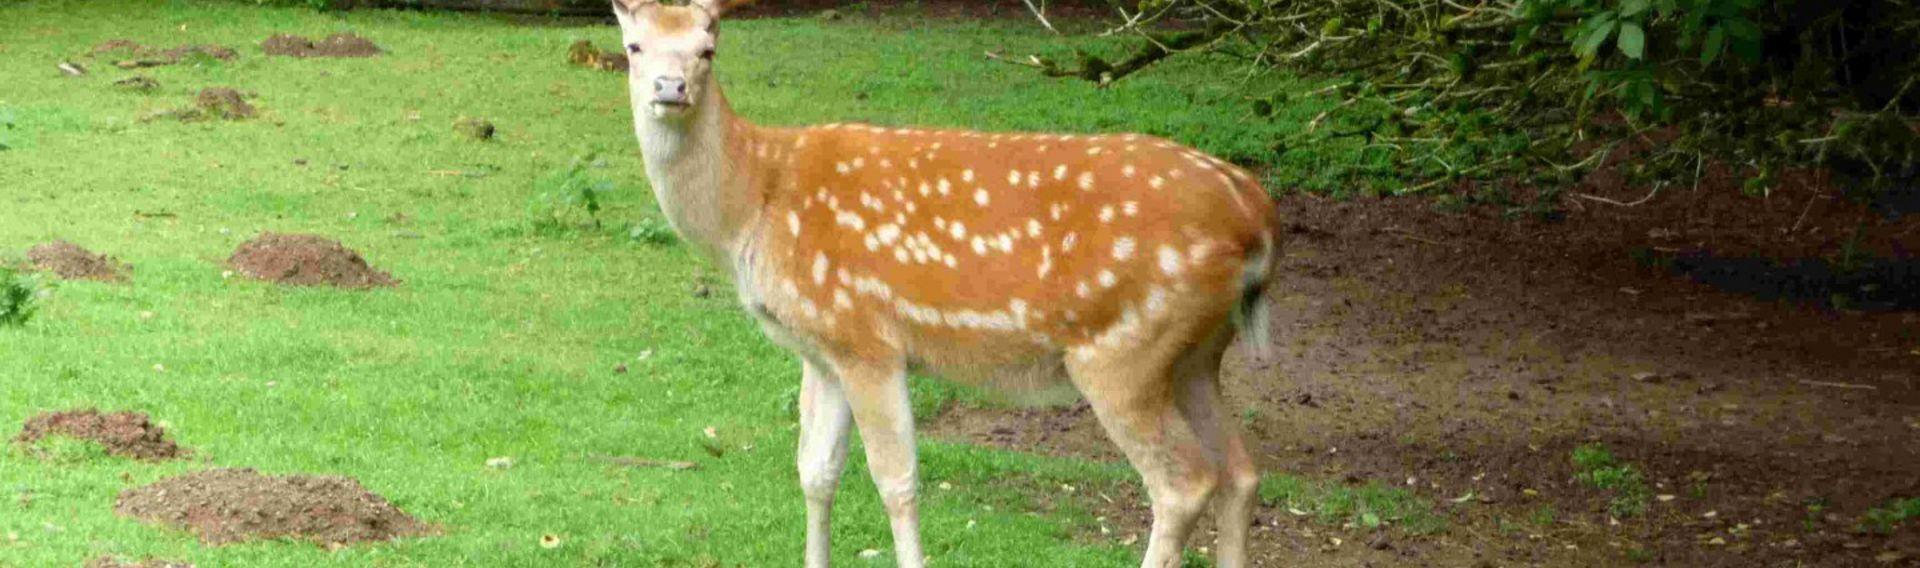 Wildpark Westerwald